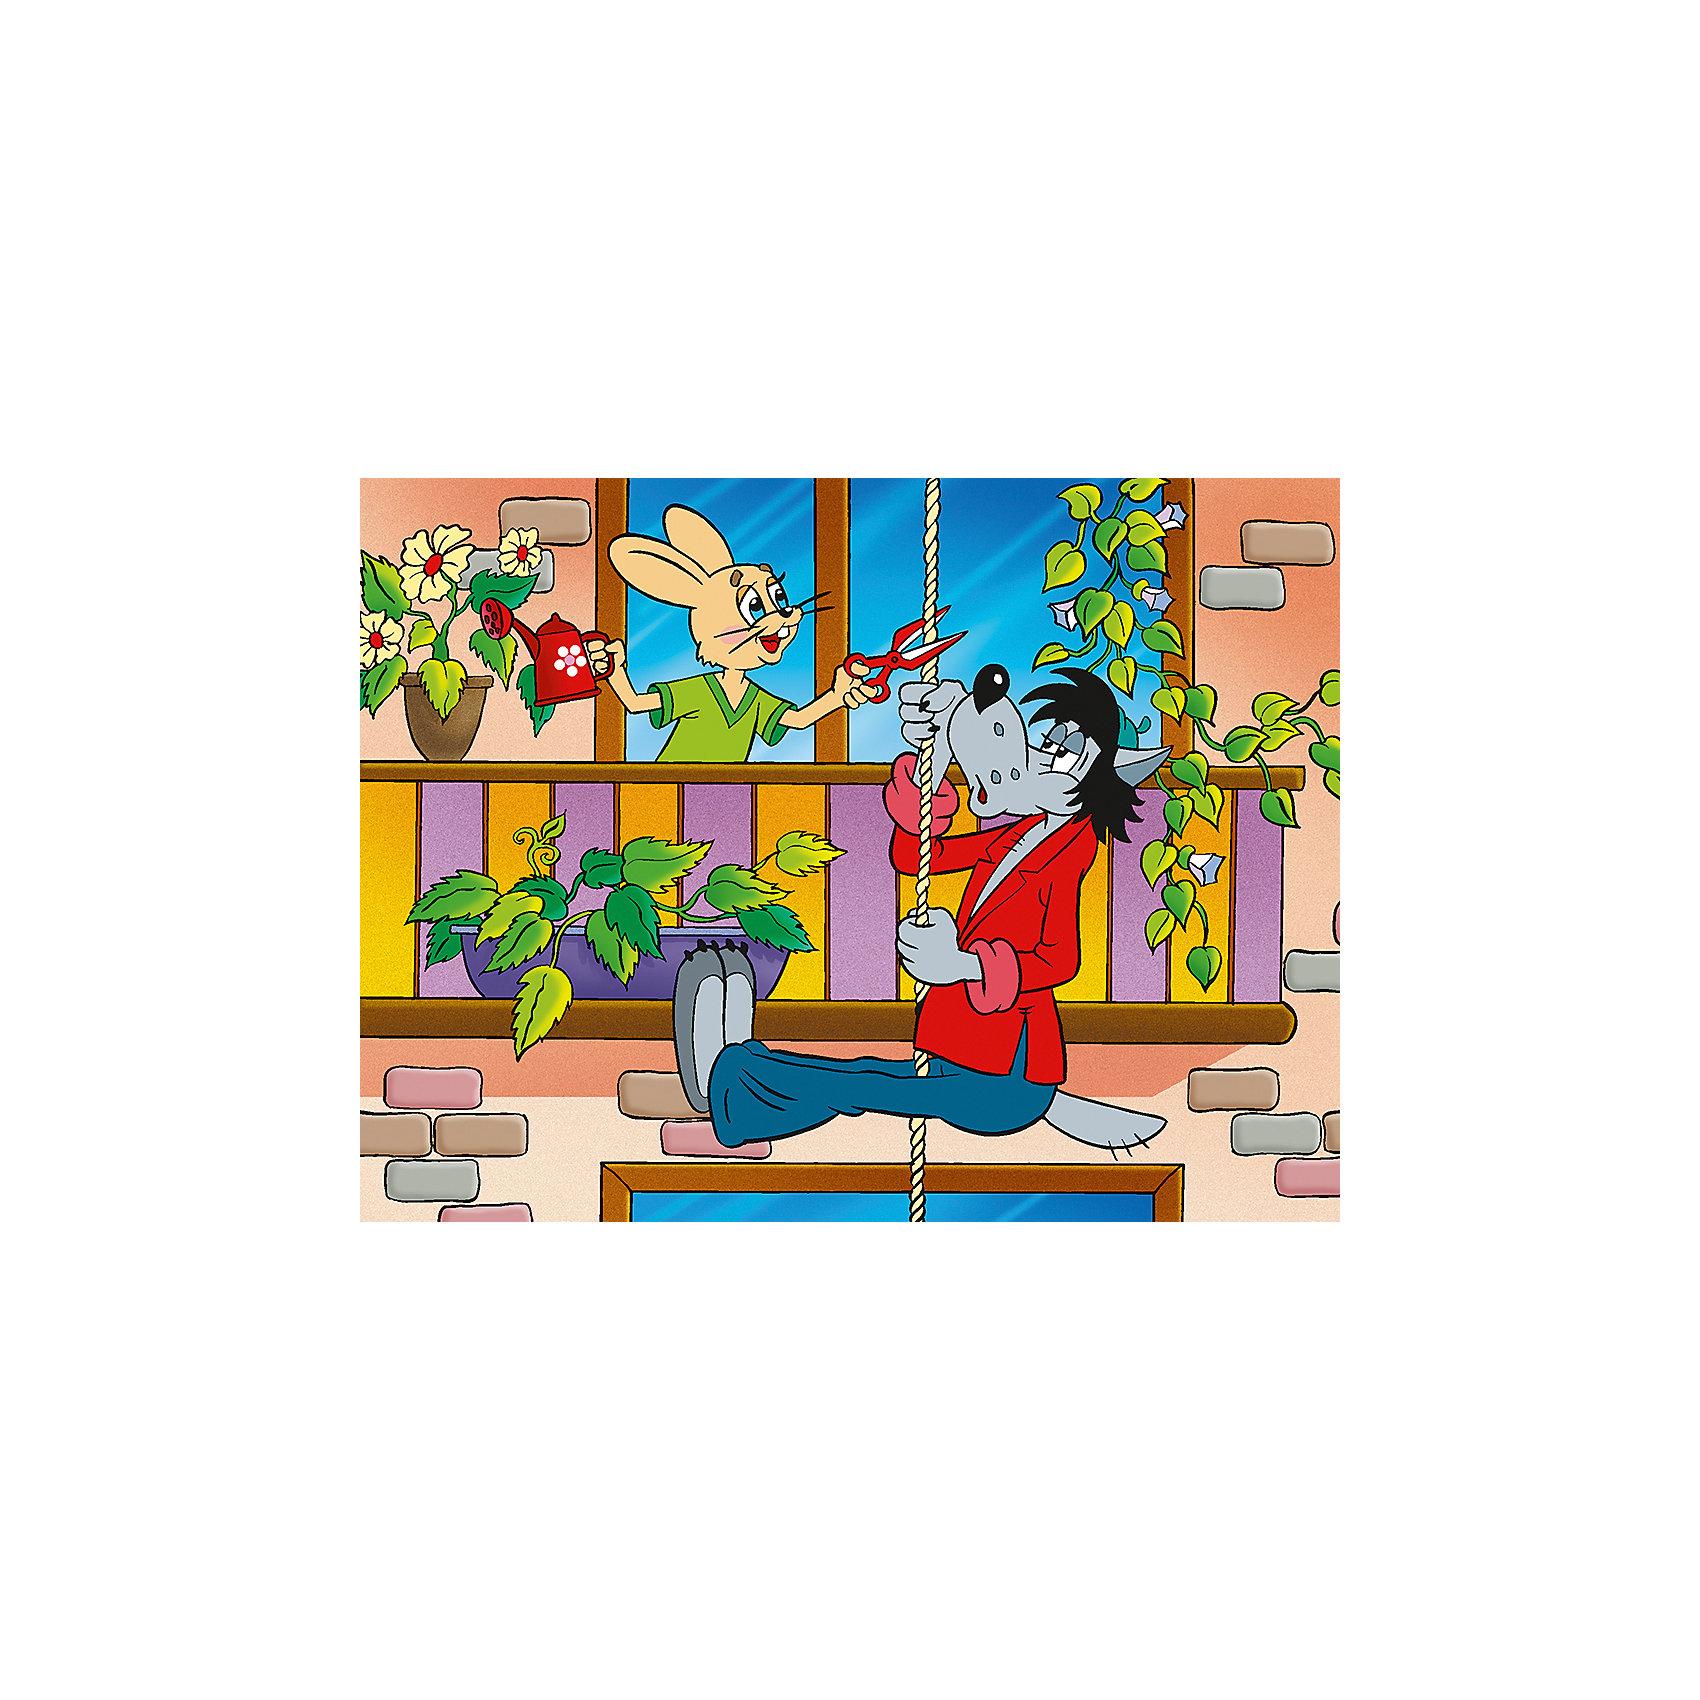 Кубики Ну, погоди!, 12 шт, Step puzzleКубики<br>Кубики Ну, погоди!, 12 шт, Step puzzle (Степ пазл) – это комплект для развлечения и приятного времяпрепровождения с пользой для малыша.<br>Наборы из 12 кубиков – для тех, кто освоил навык сборки картинки из 9 кубиков. Заложенный дидактический принцип «от простого к сложному» позволит ребёнку поверить в свои силы. А герои популярного мультфильма сделают кубики любимой игрушкой. Кубики – это увлекательная игра и полезное занятие, развивающее логику, мелкую моторику, внимание и мышление малыша. Кроме того, занятия с кубиками помогают малышу усвоить такие важные понятия как часть и целое.<br><br>Дополнительная информация:<br><br>- В наборе: 12 кубиков<br>- Сторона кубика: 4 см.<br>- Размер готовой картинки: 12х16 см.<br>- Упаковка: картонная коробка<br>- Размер упаковки: 16х12х4 см.<br>- Вес: 300 гр.<br><br>Кубики Ну, погоди!, 12 шт, Step puzzle (Степ пазл) можно купить в нашем интернет-магазине.<br><br>Ширина мм: 12<br>Глубина мм: 4<br>Высота мм: 16<br>Вес г: 300<br>Возраст от месяцев: 36<br>Возраст до месяцев: 60<br>Пол: Унисекс<br>Возраст: Детский<br>SKU: 4048185